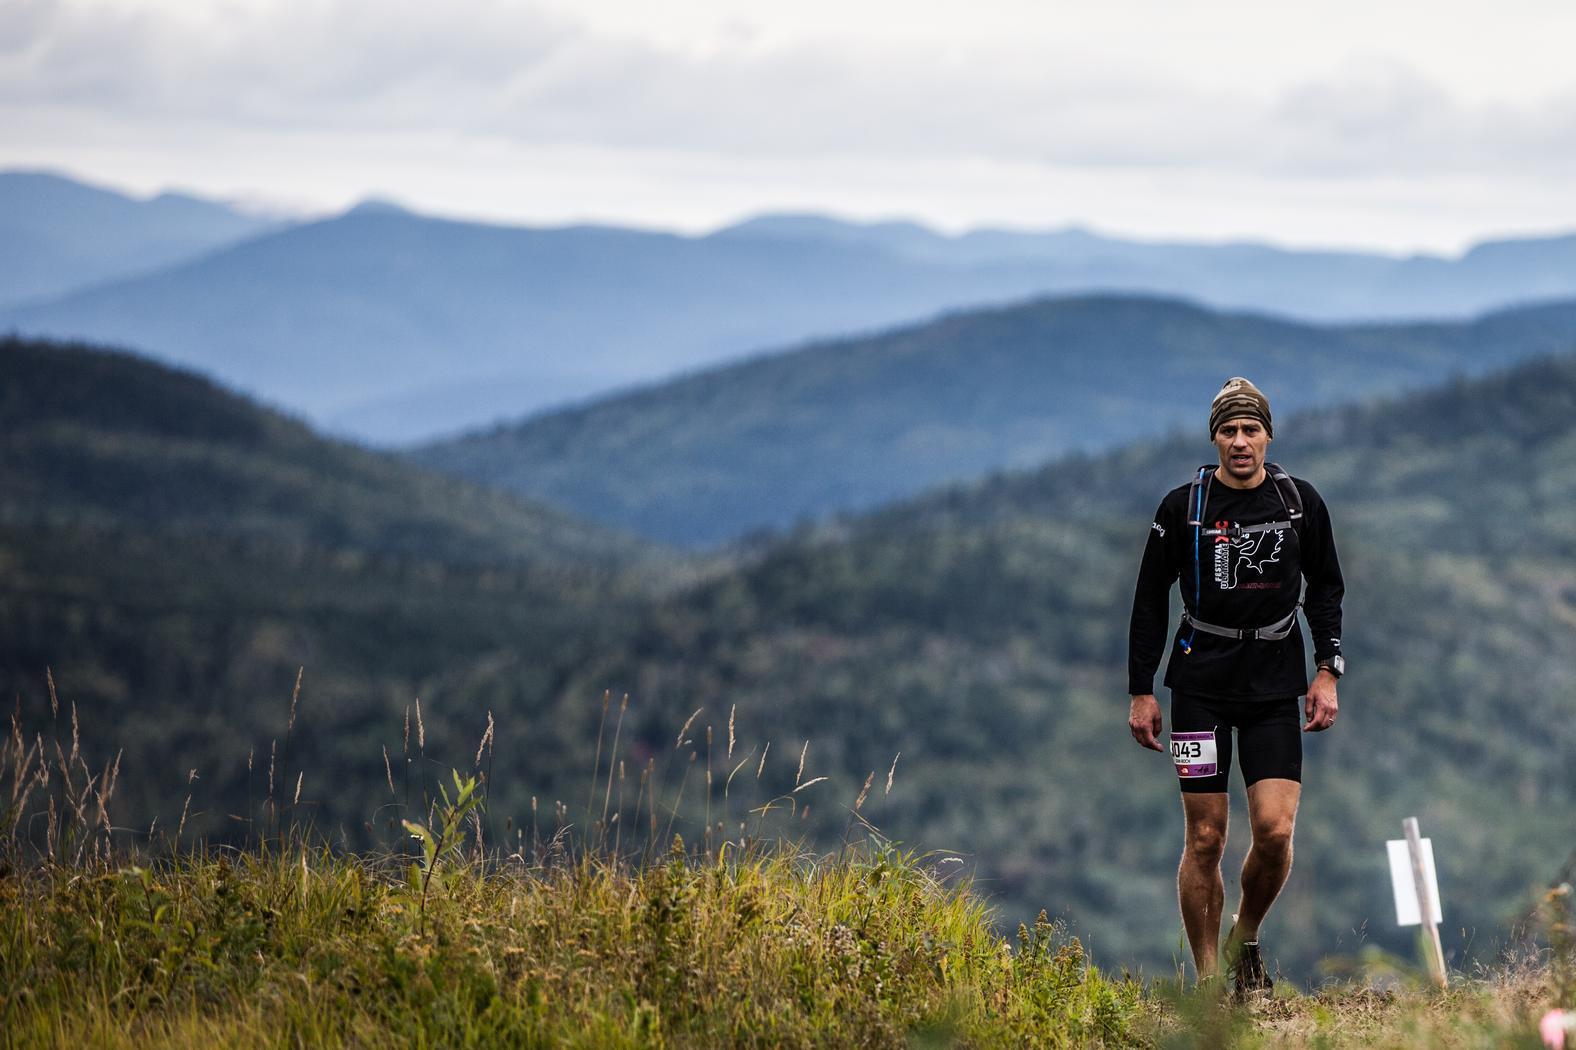 Joan Roch / Runner